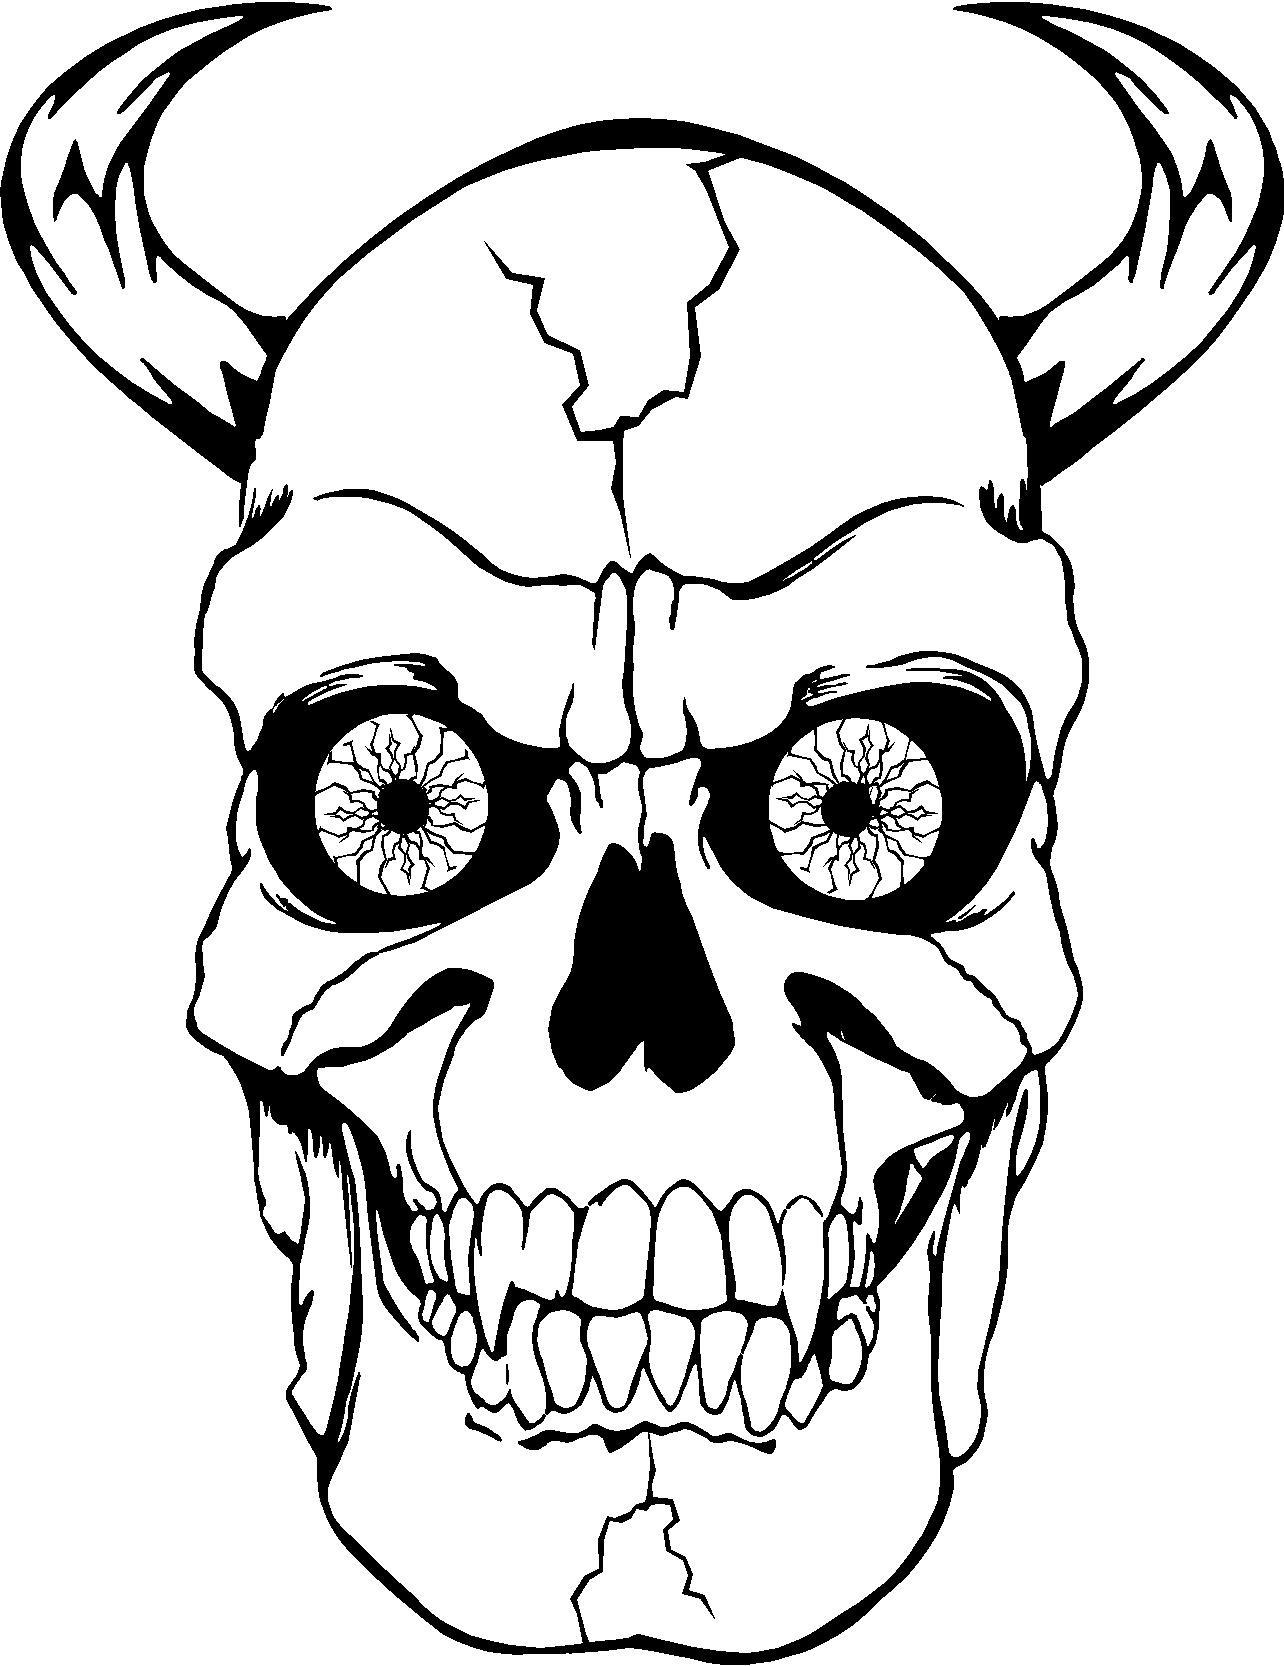 ausmalbilder totenkopf free download  ausmalbilder